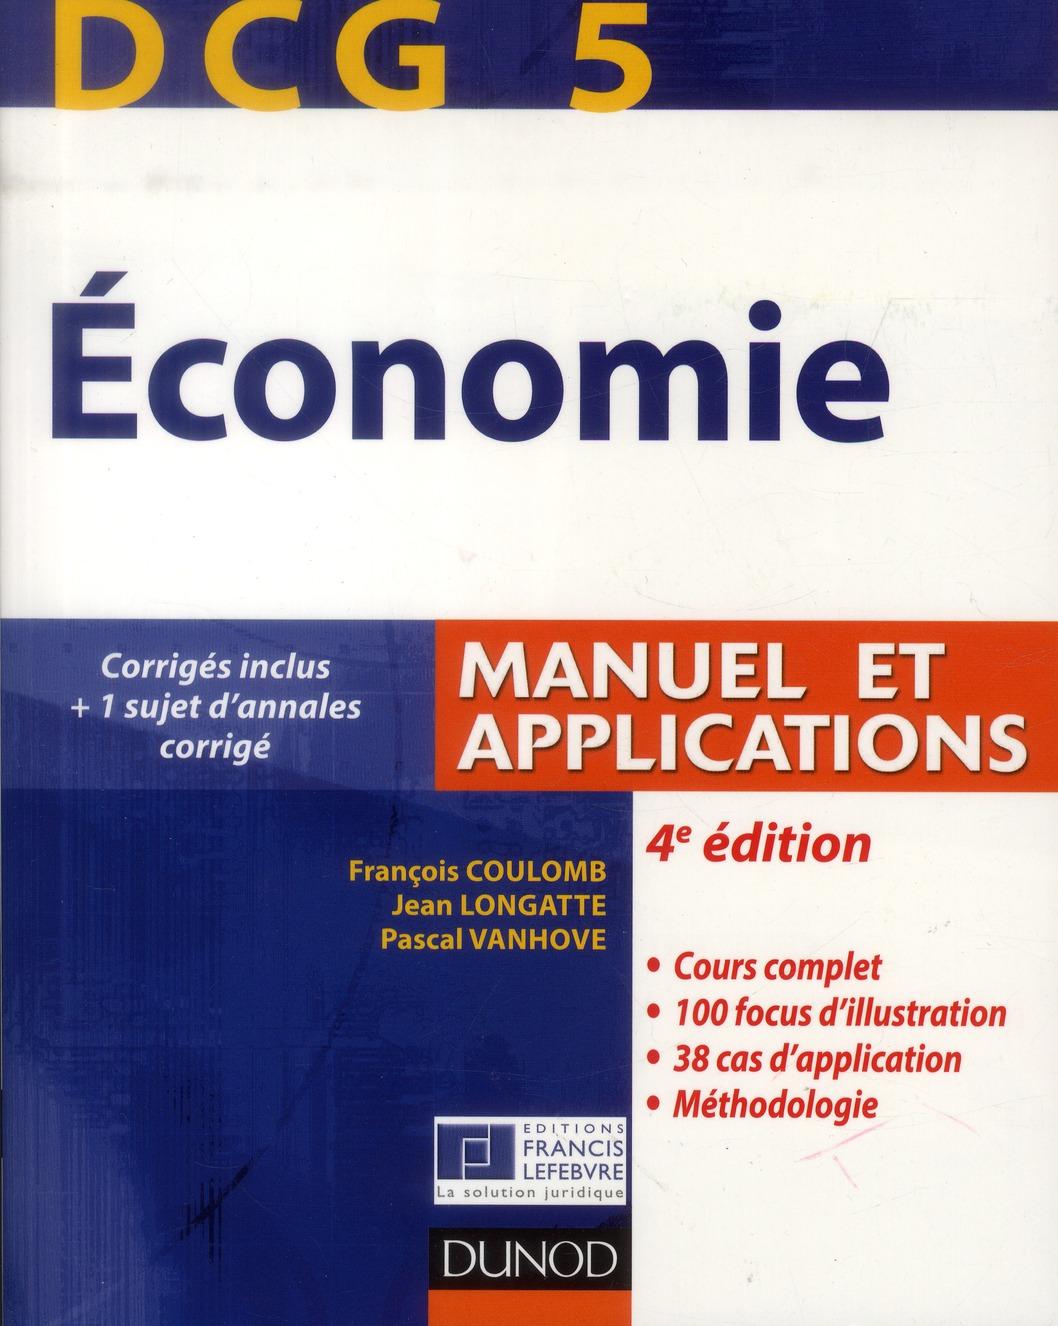 Dcg 5 ; Economie ; Manuel Et Applications, Corriges Inclus (4e Edition)